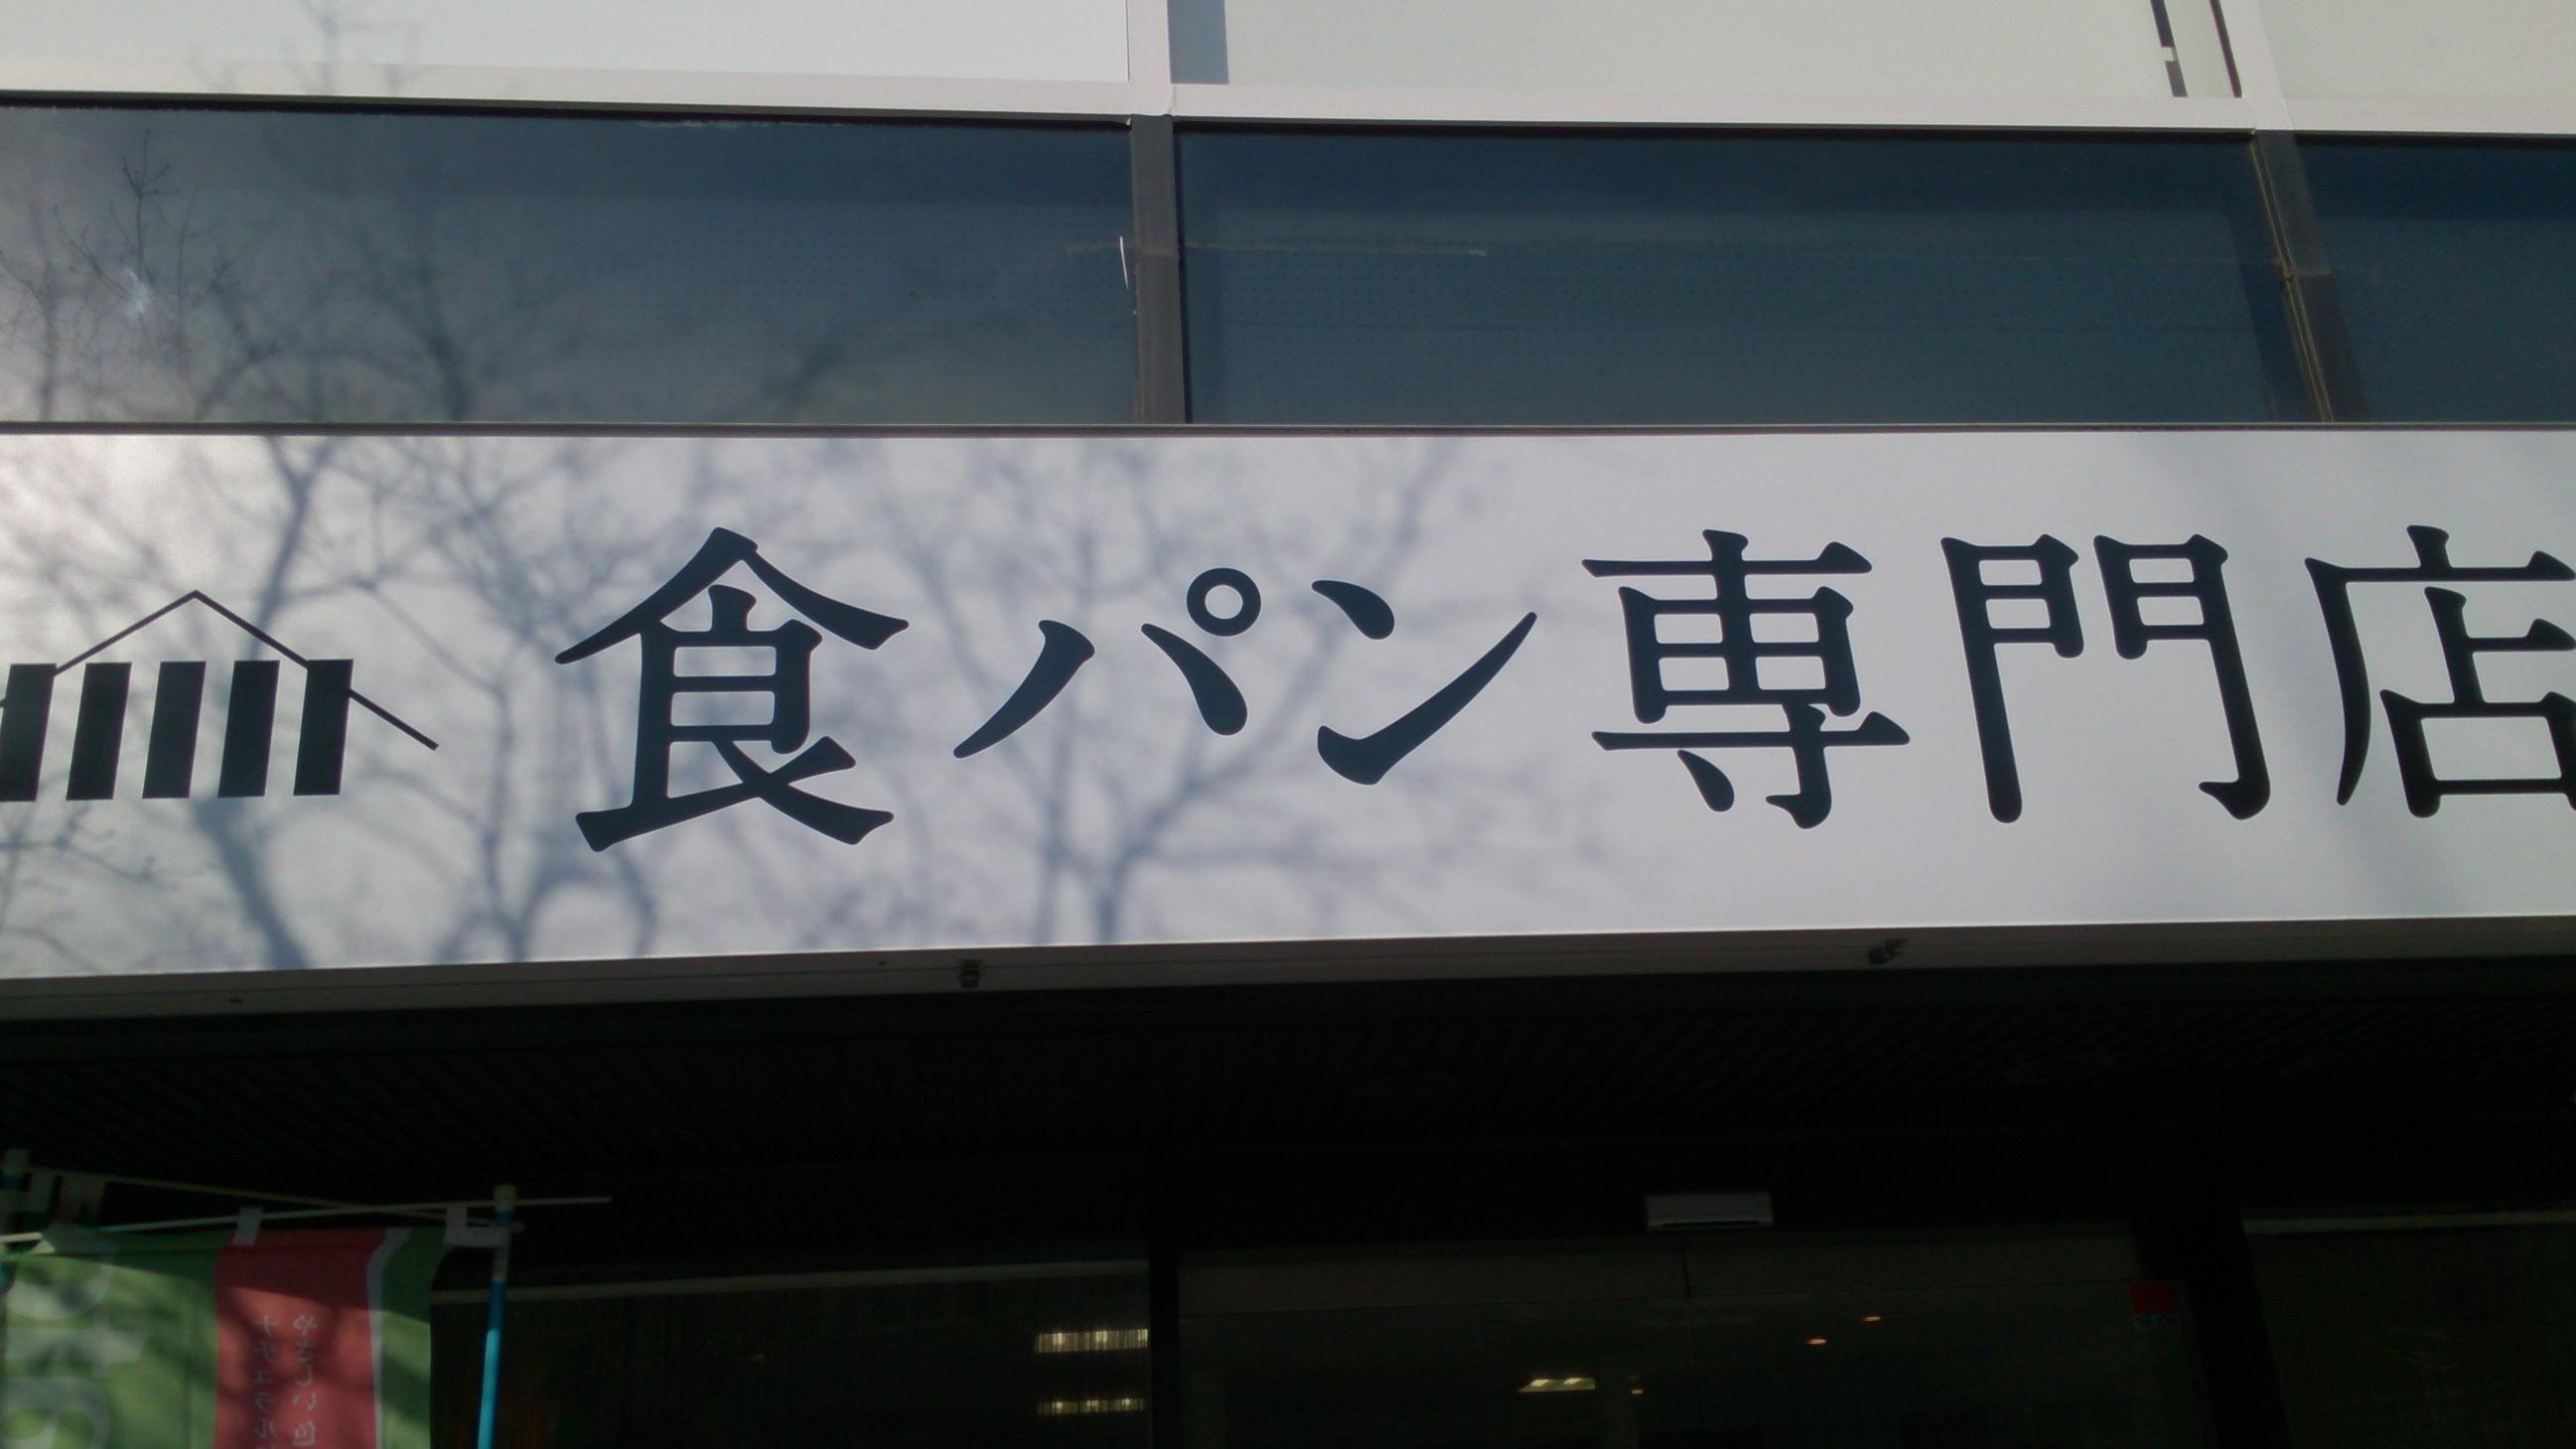 職・パン屋 岡町店